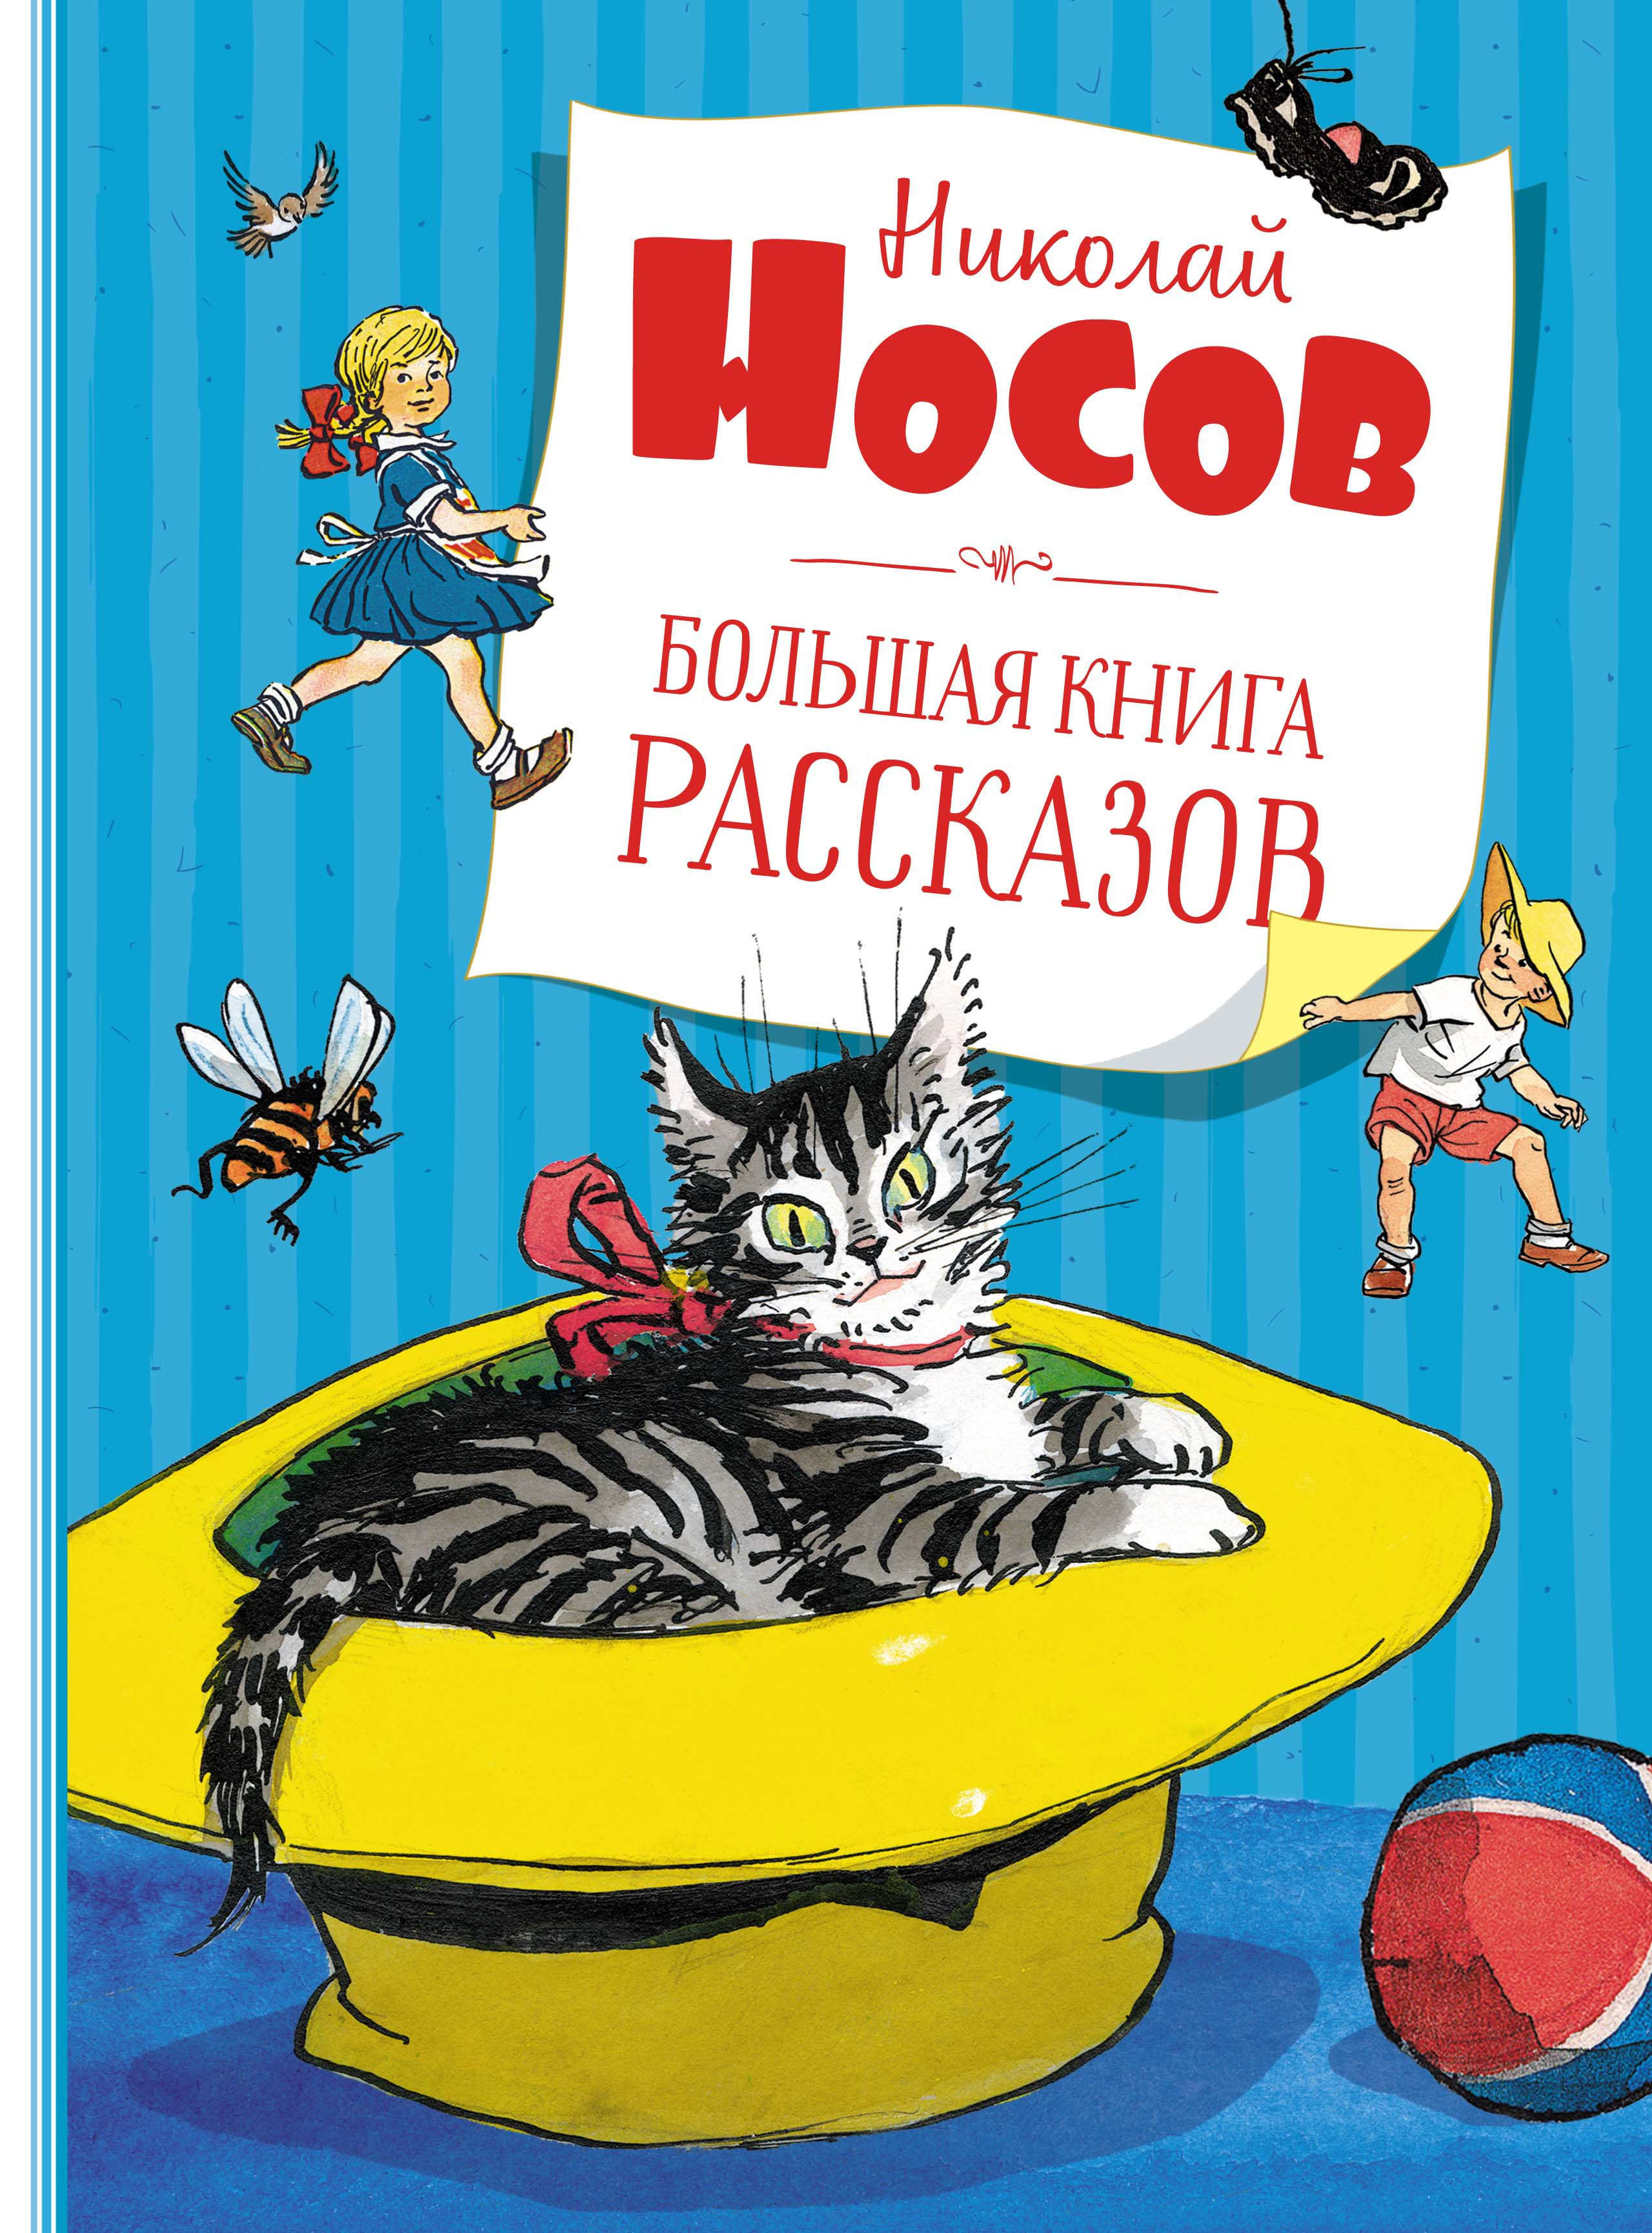 Большая книга рассказов. Носов  (нов.обл.*)